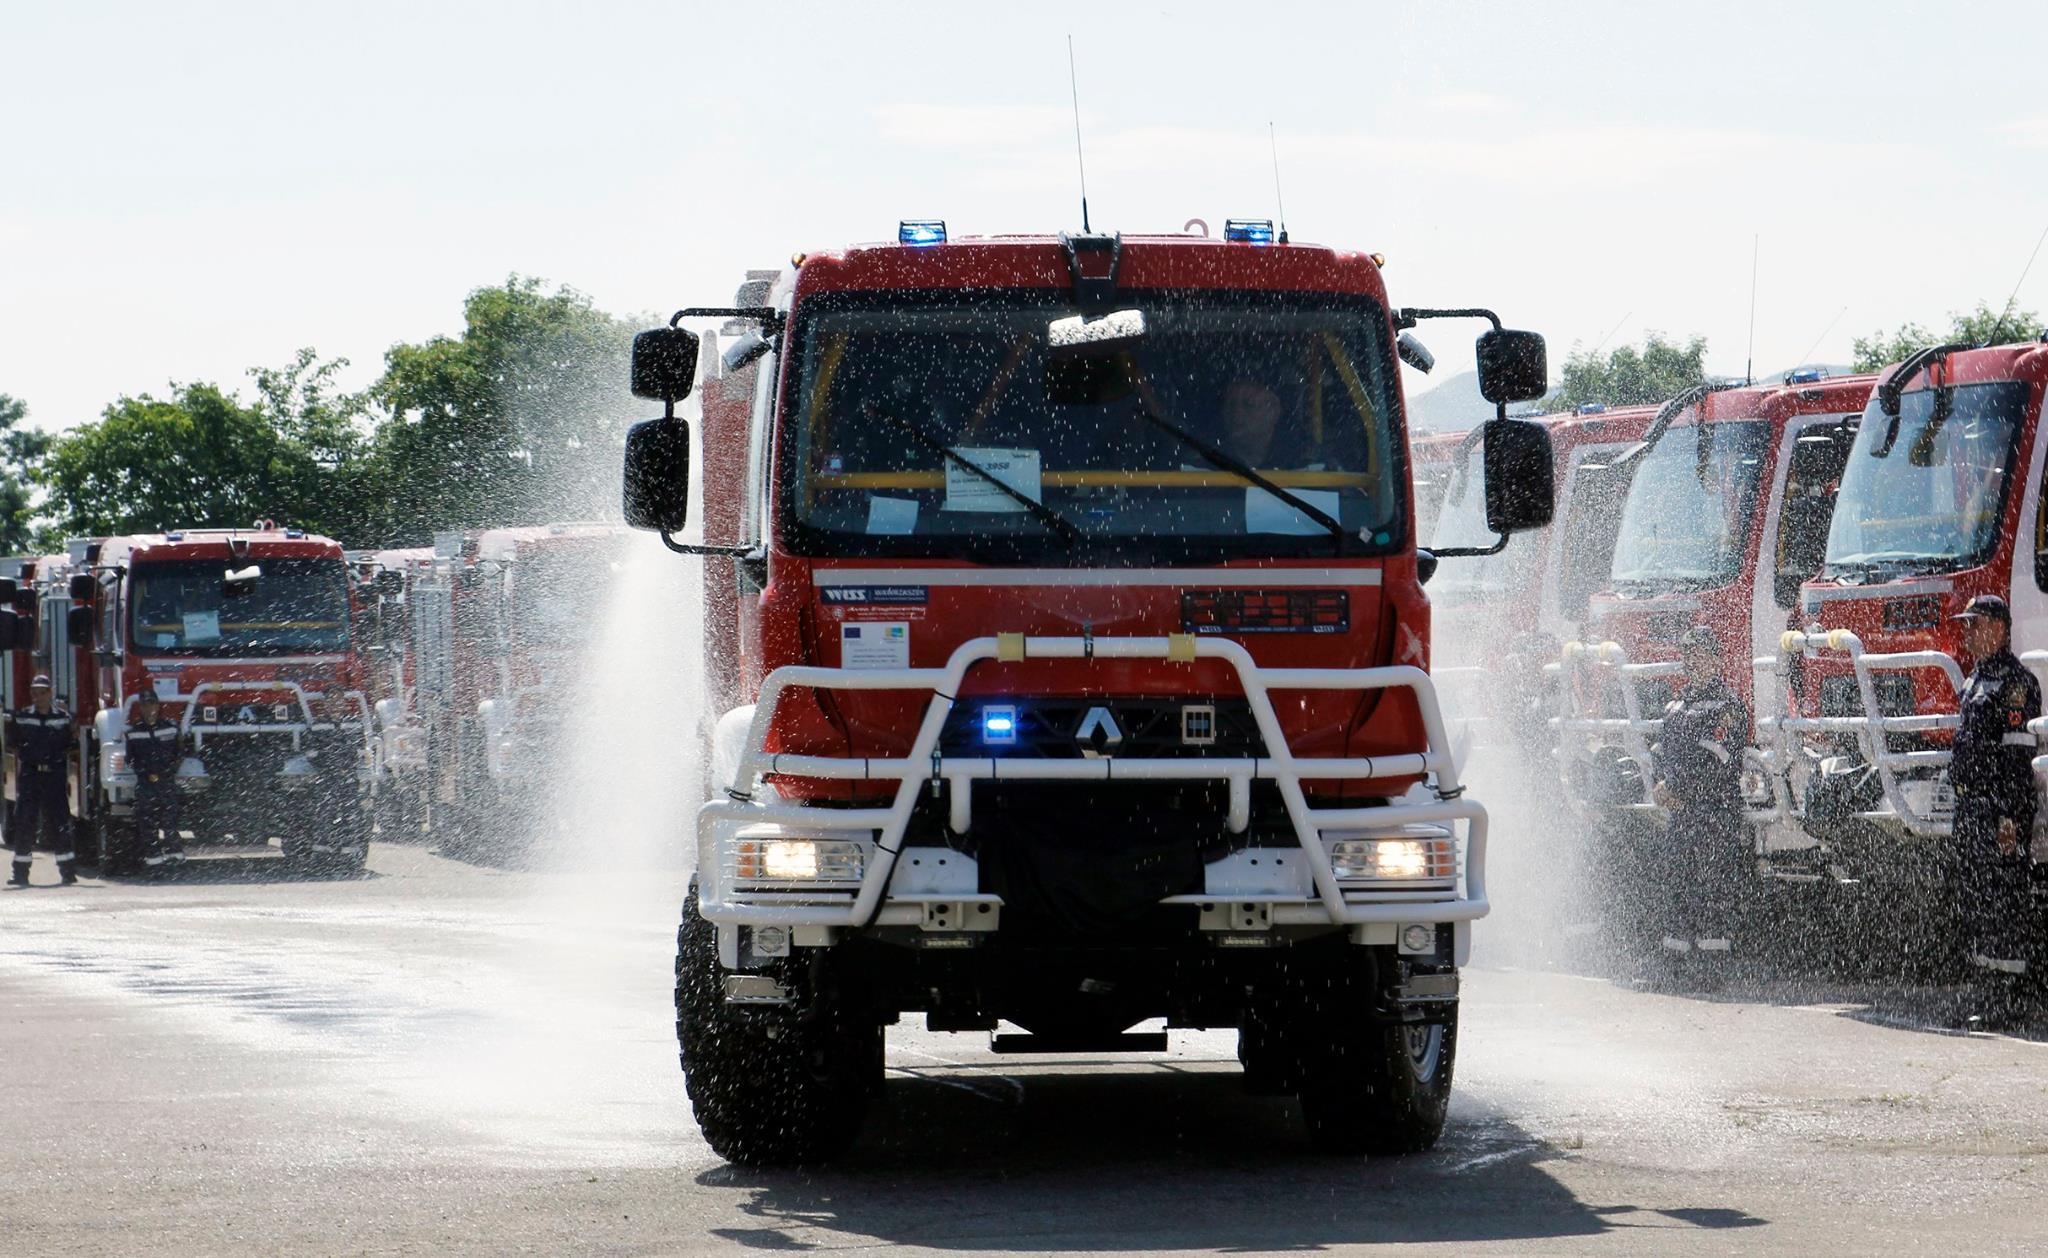 Пожарникари извадиха 6 празни варела, използвани за опасен химикал, от река Марица